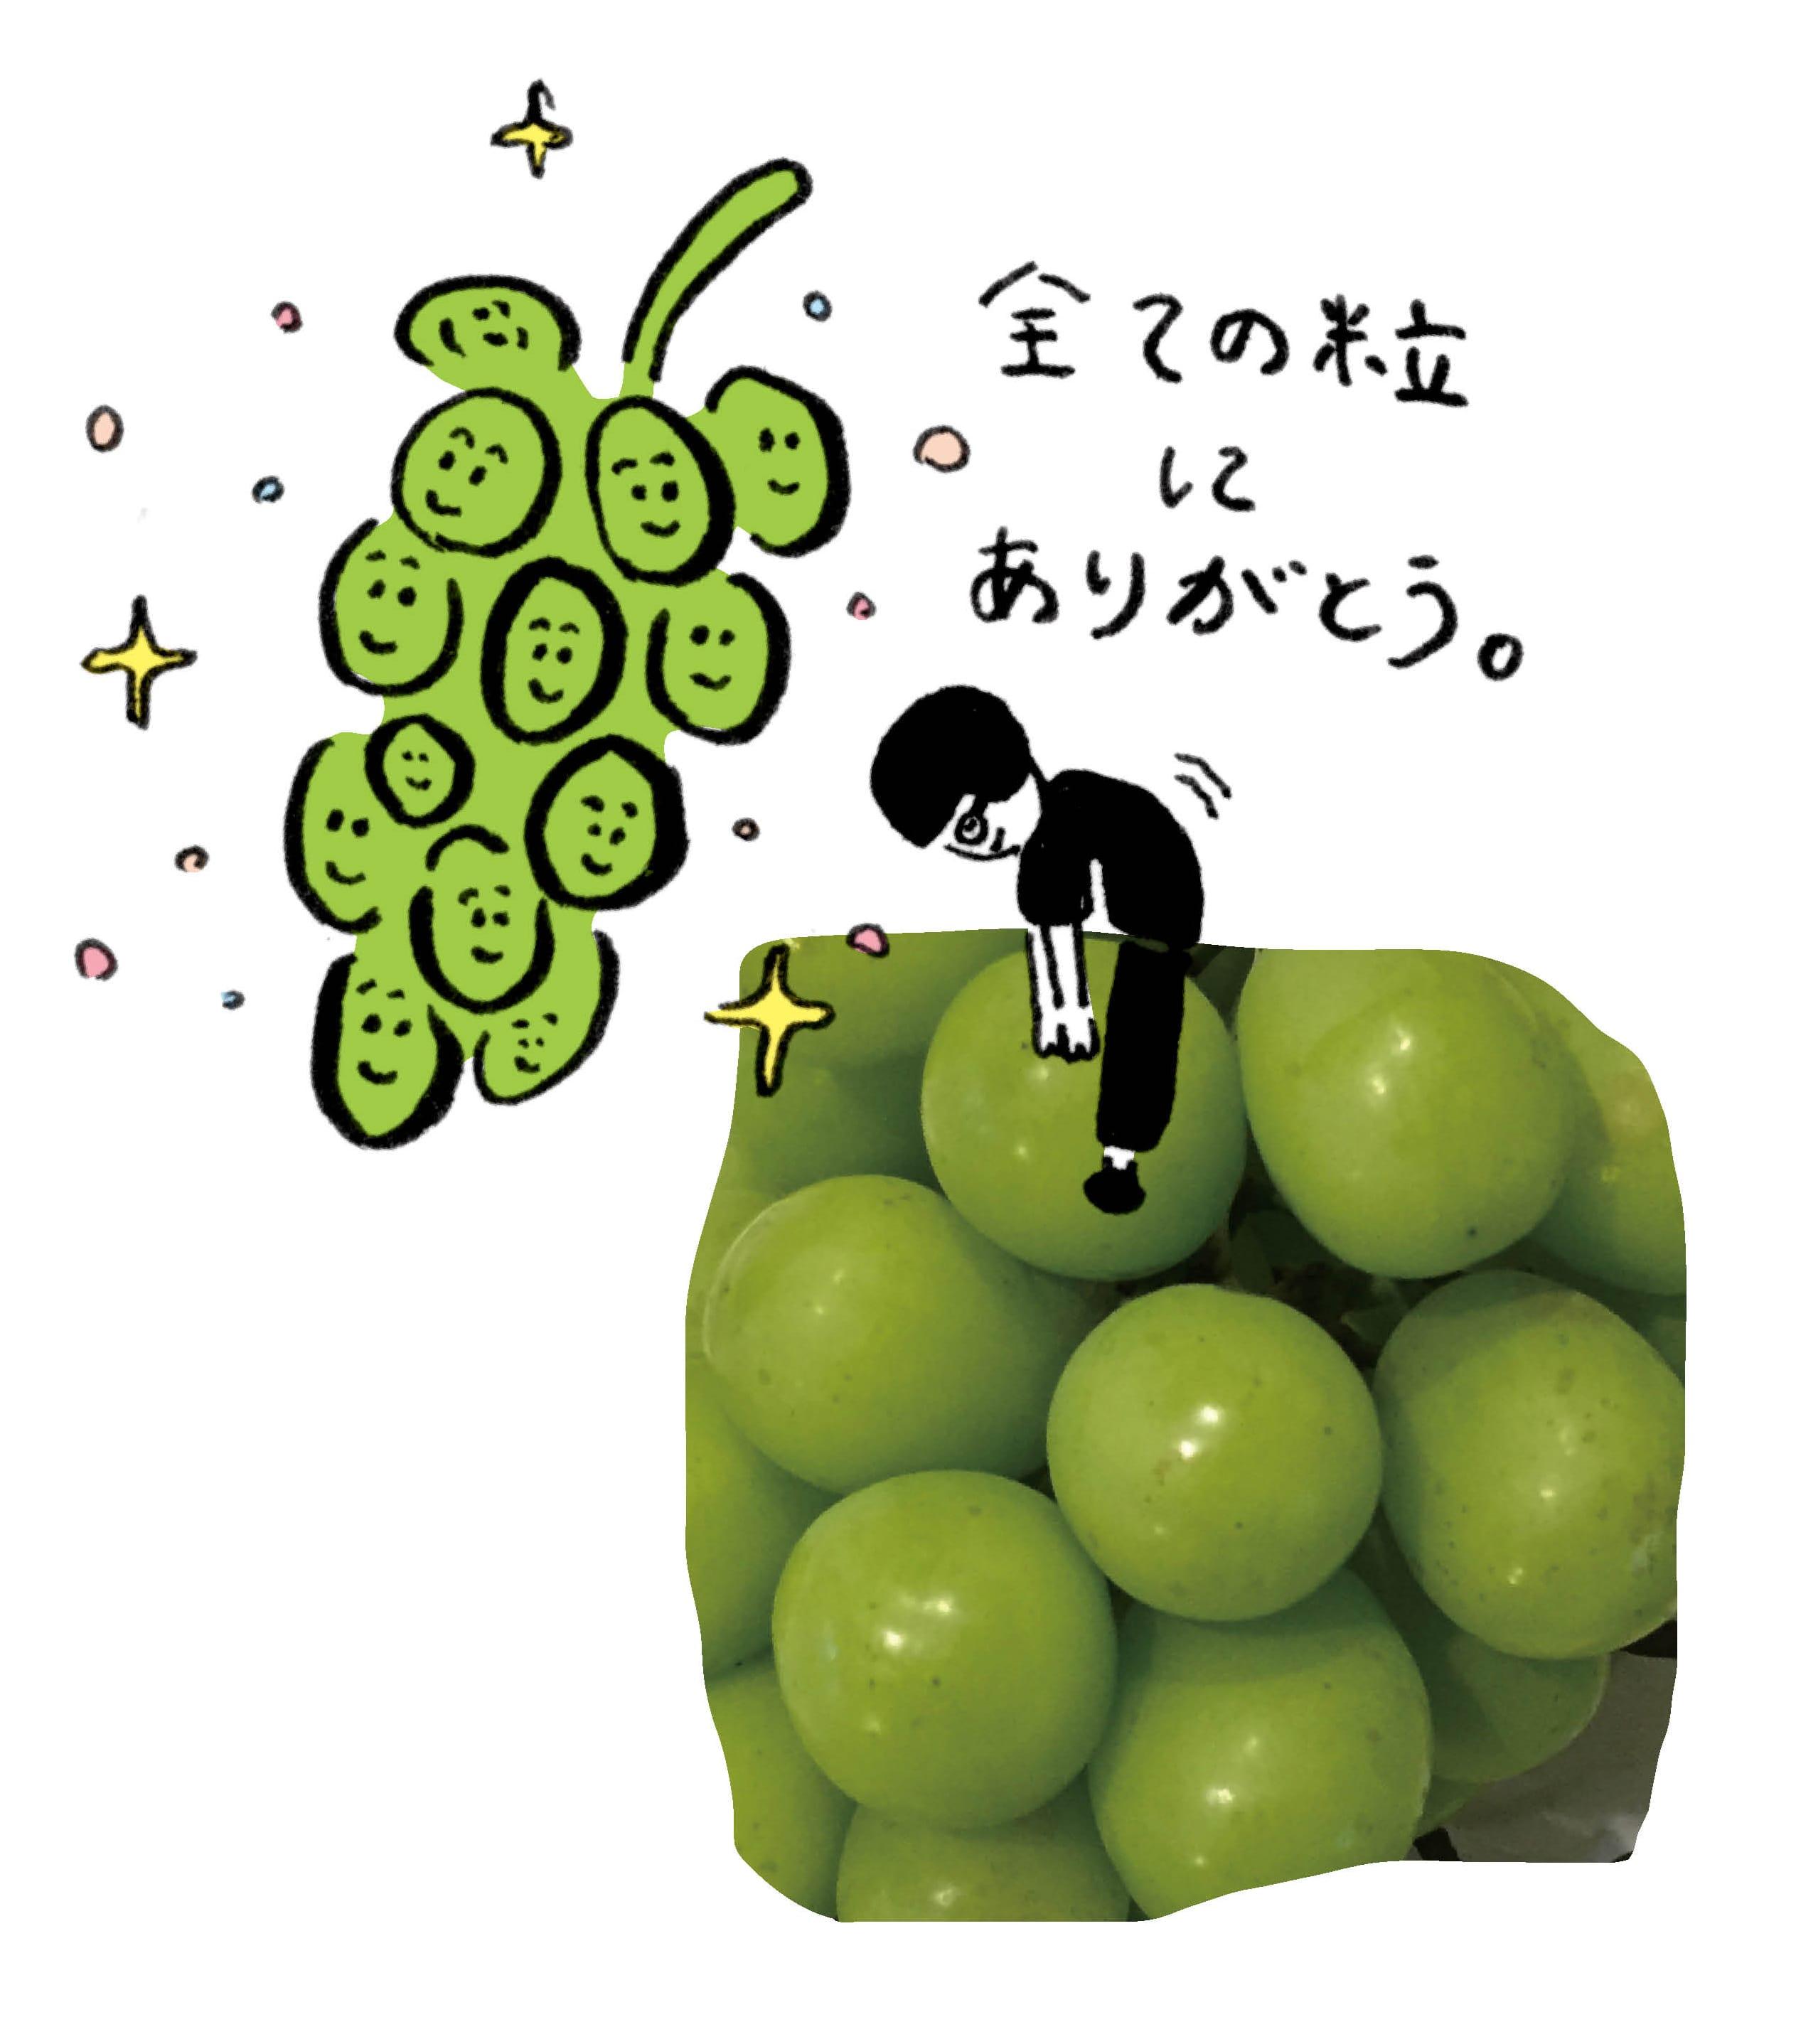 hinagata_yamagata_3-4